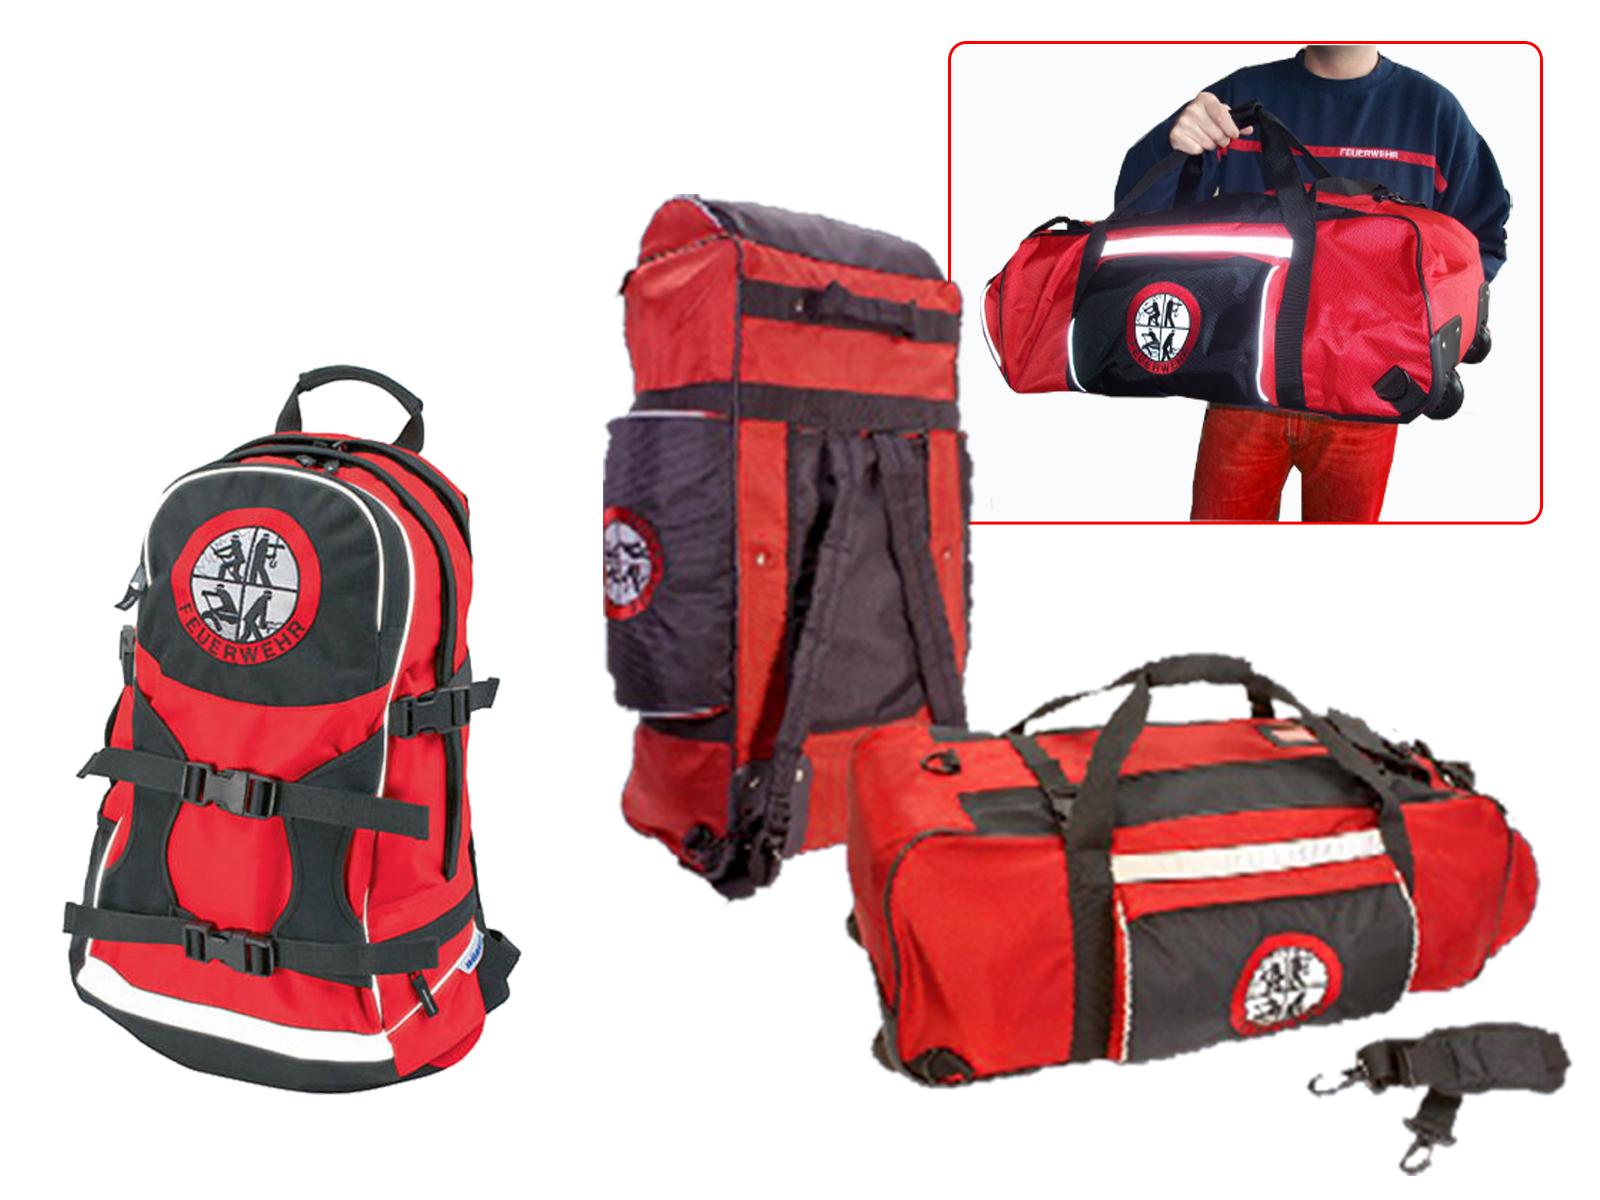 Feuerwehr & Hilfsorganisation